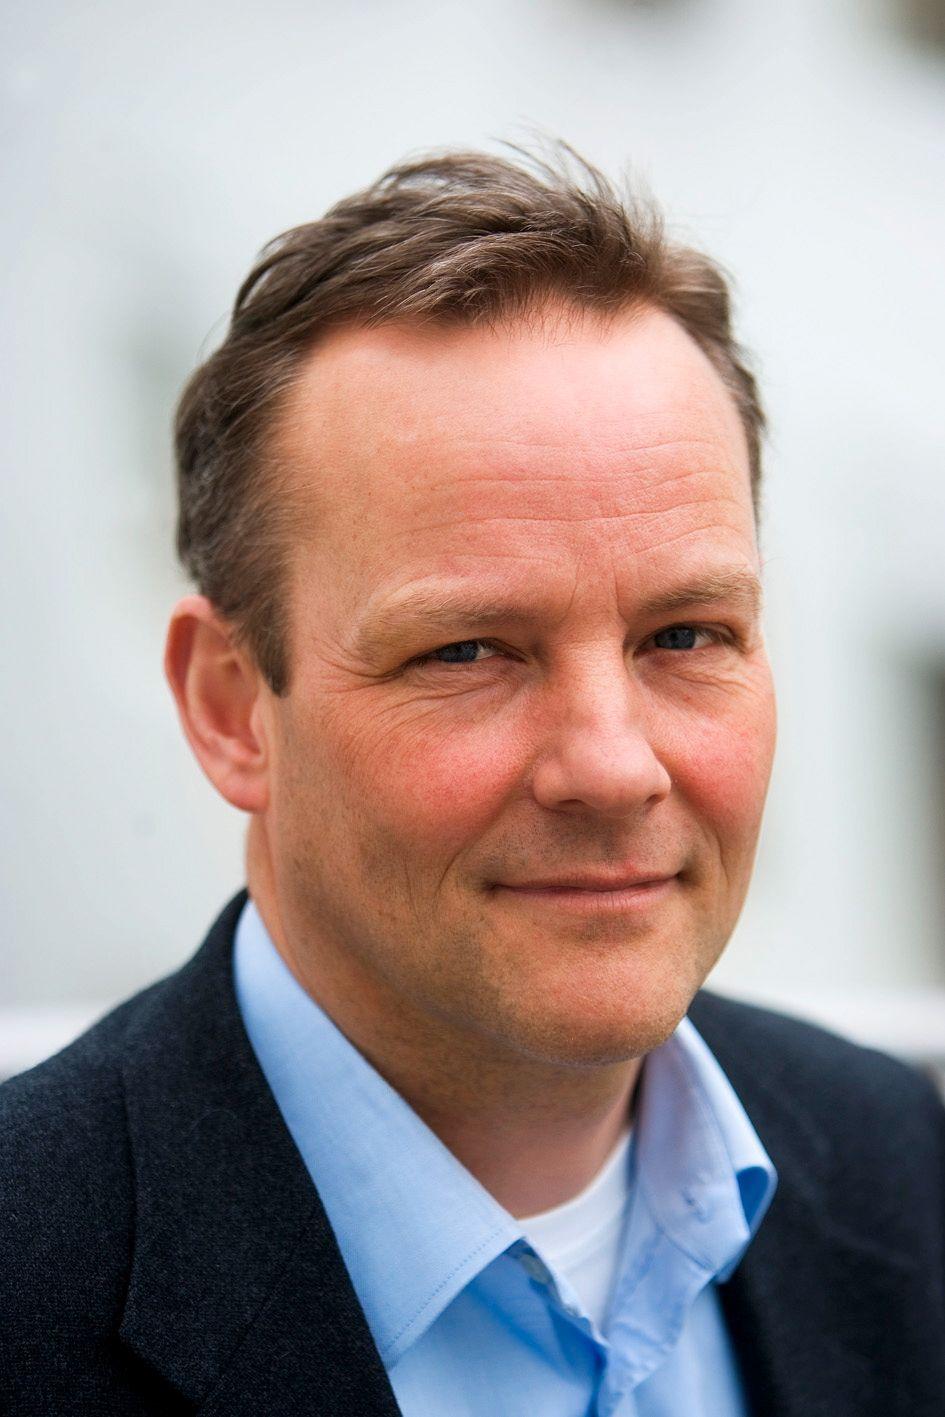 VIL IKKE KOMMENTERE: Øystein Thoresen er informasjonsdirektør i Gjensidige.